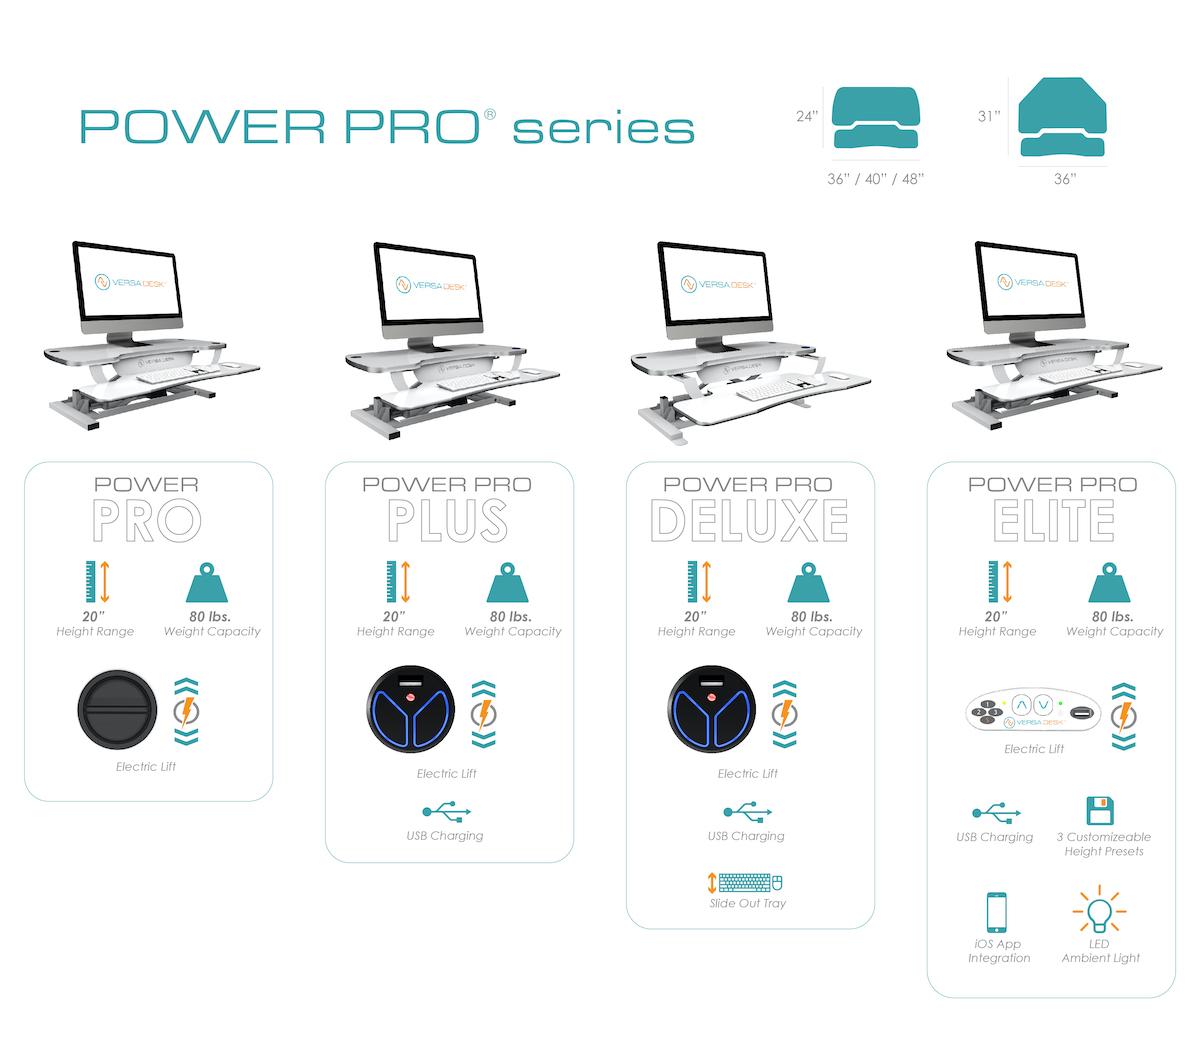 versadesk-desktoprisersbuyingguide-powerpro-v2-09.jpg